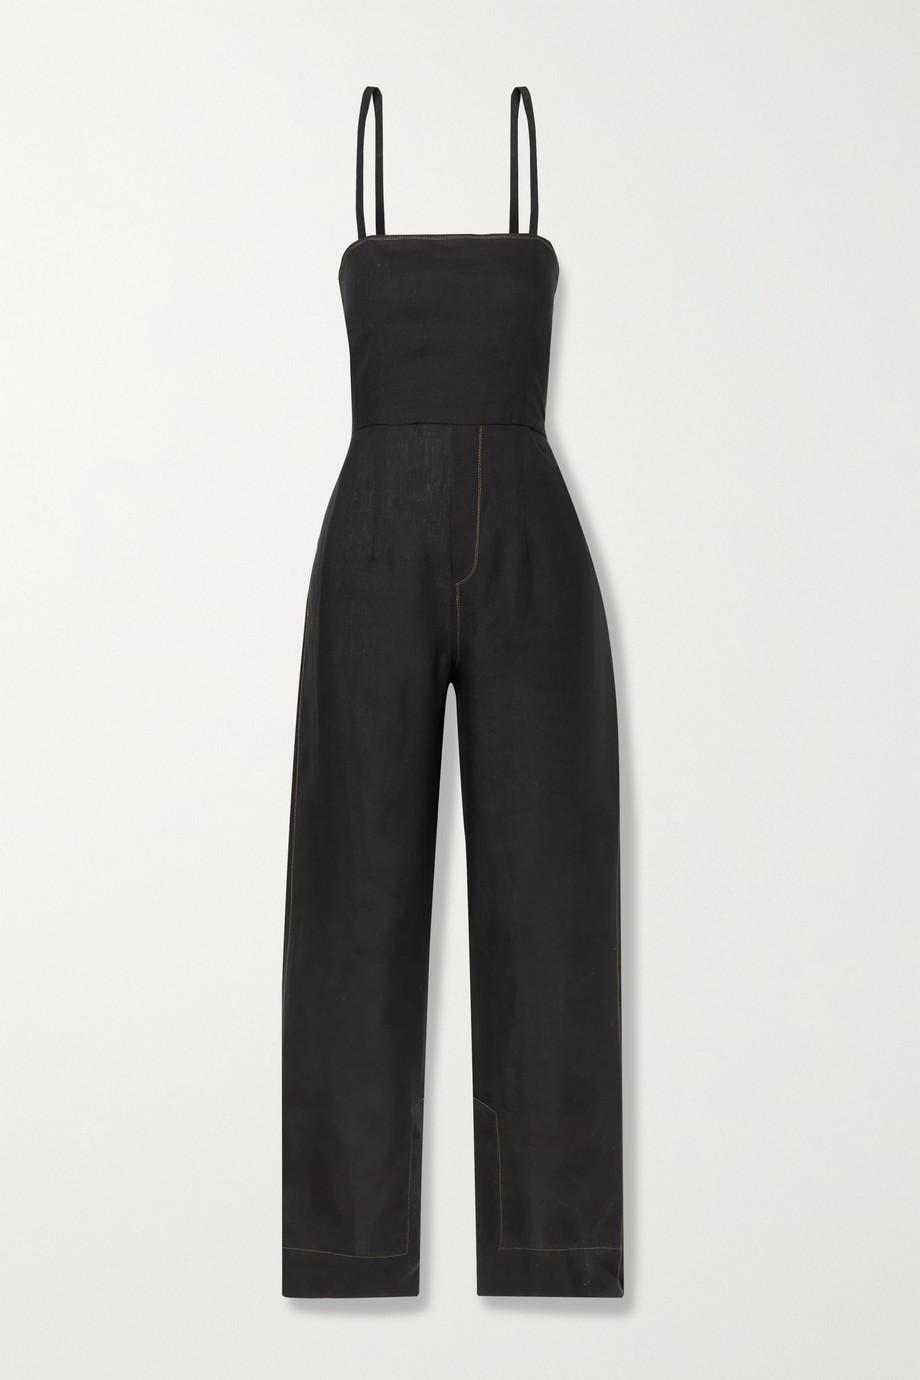 Bassike + NET SUSTAIN open-back linen jumpsuit